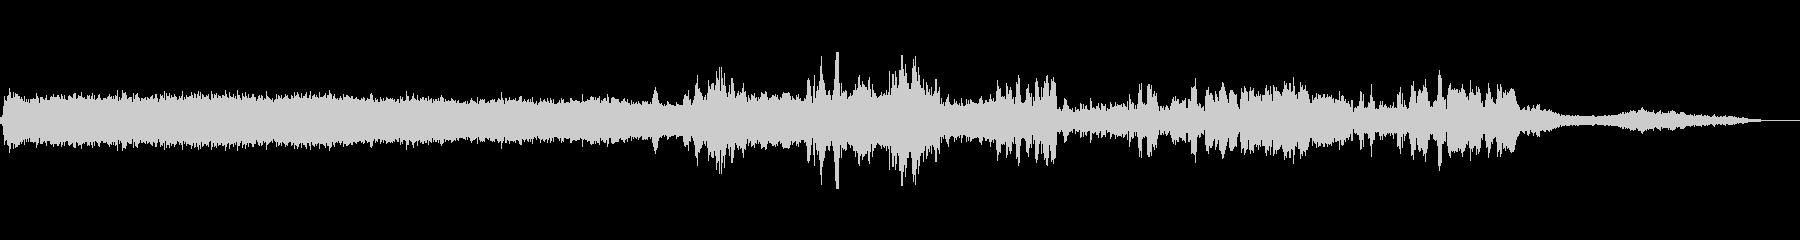 マシンソーバンドの未再生の波形